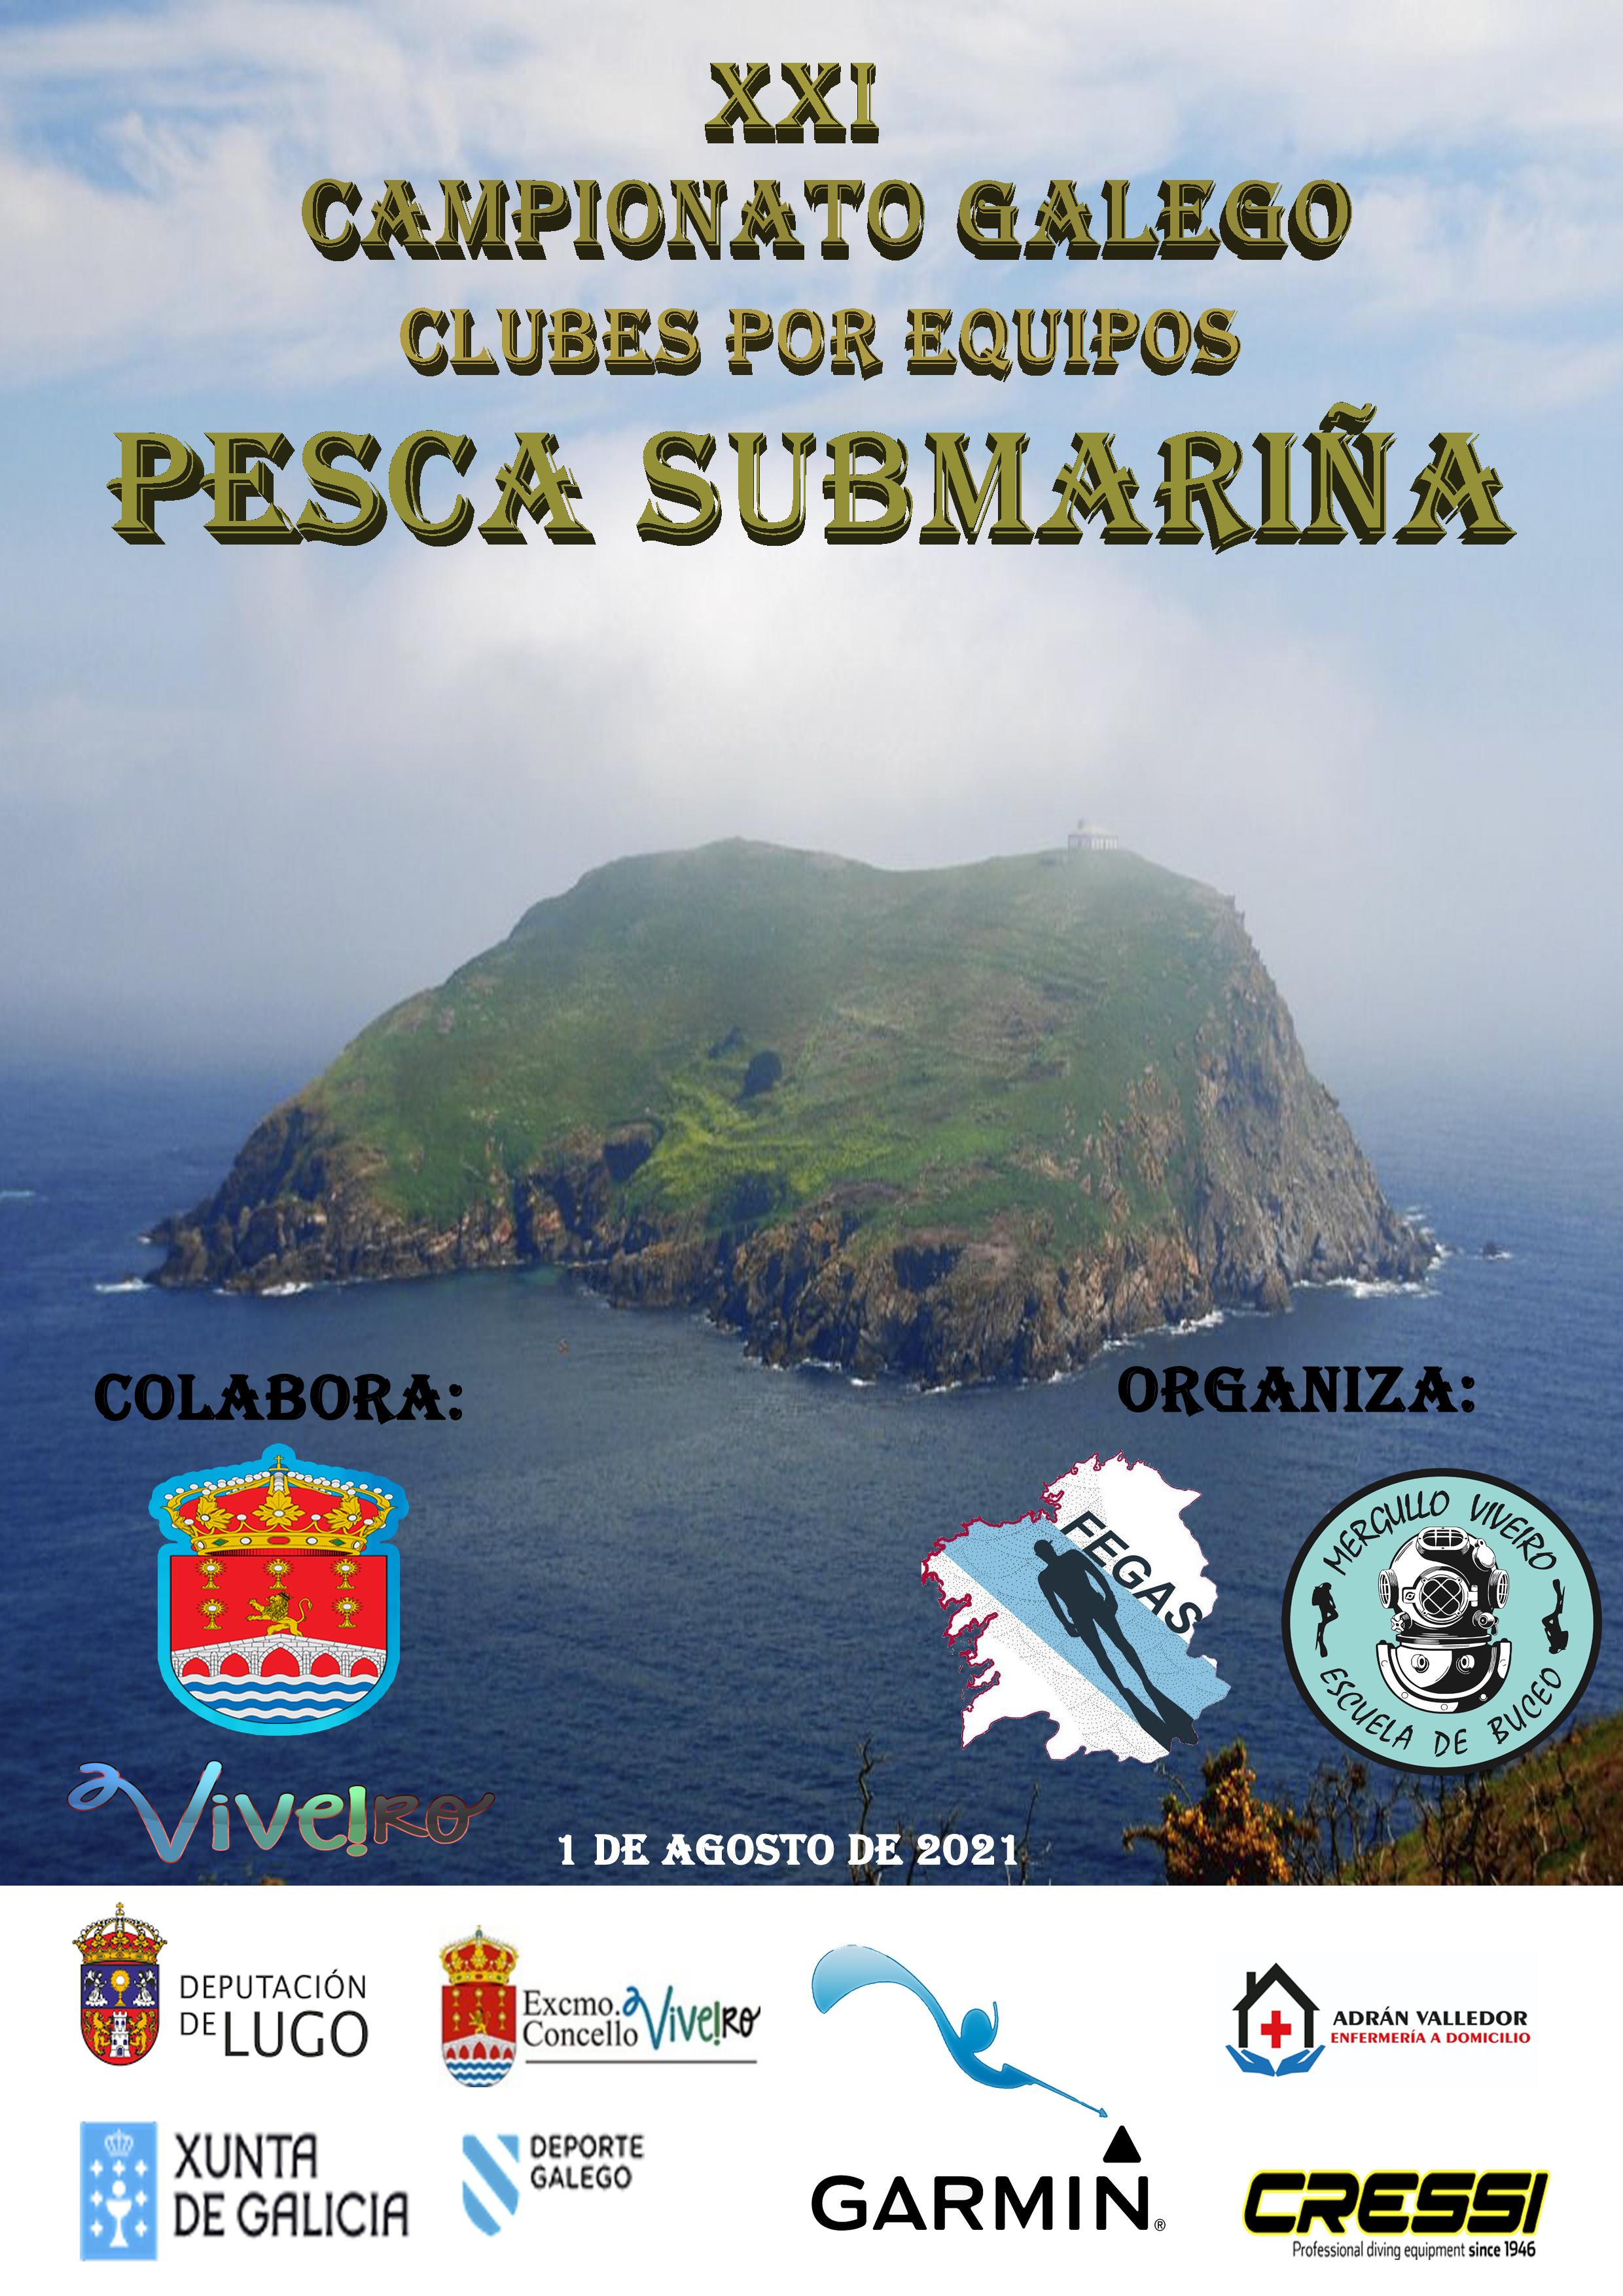 XXI Campeonato Gallego de Clubes por Equipos de Pesca Submarina